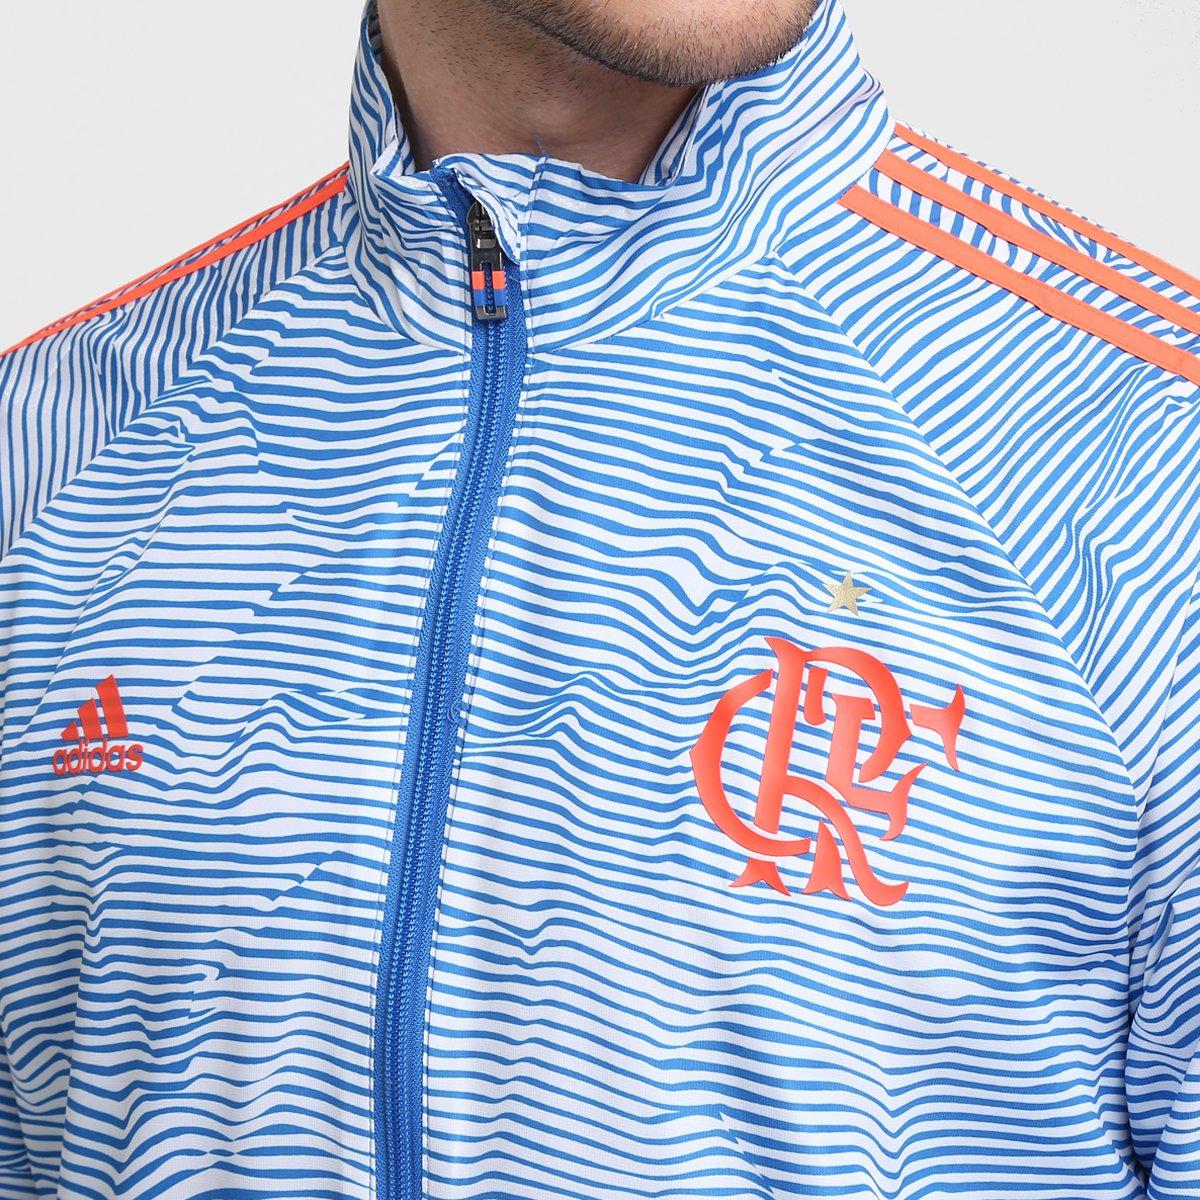 Agasalho Adidas Flamengo Viagem Lib - Compre Agora  452726ae69cde